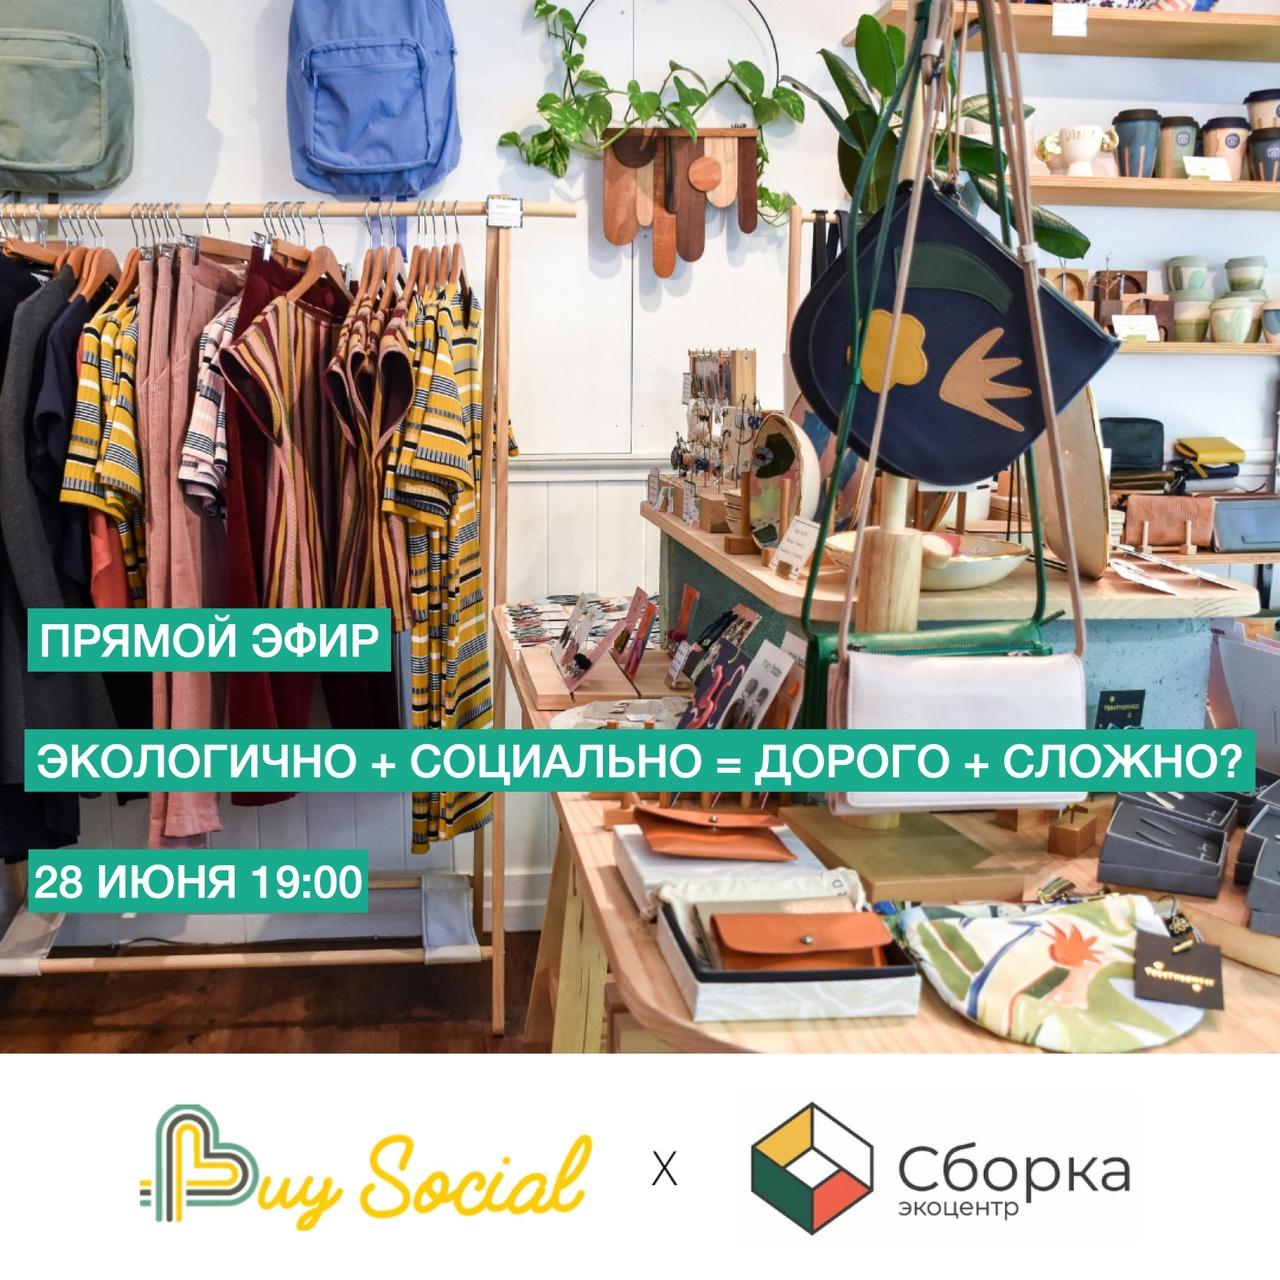 BuySocial и Экосборка в прямом эфире!